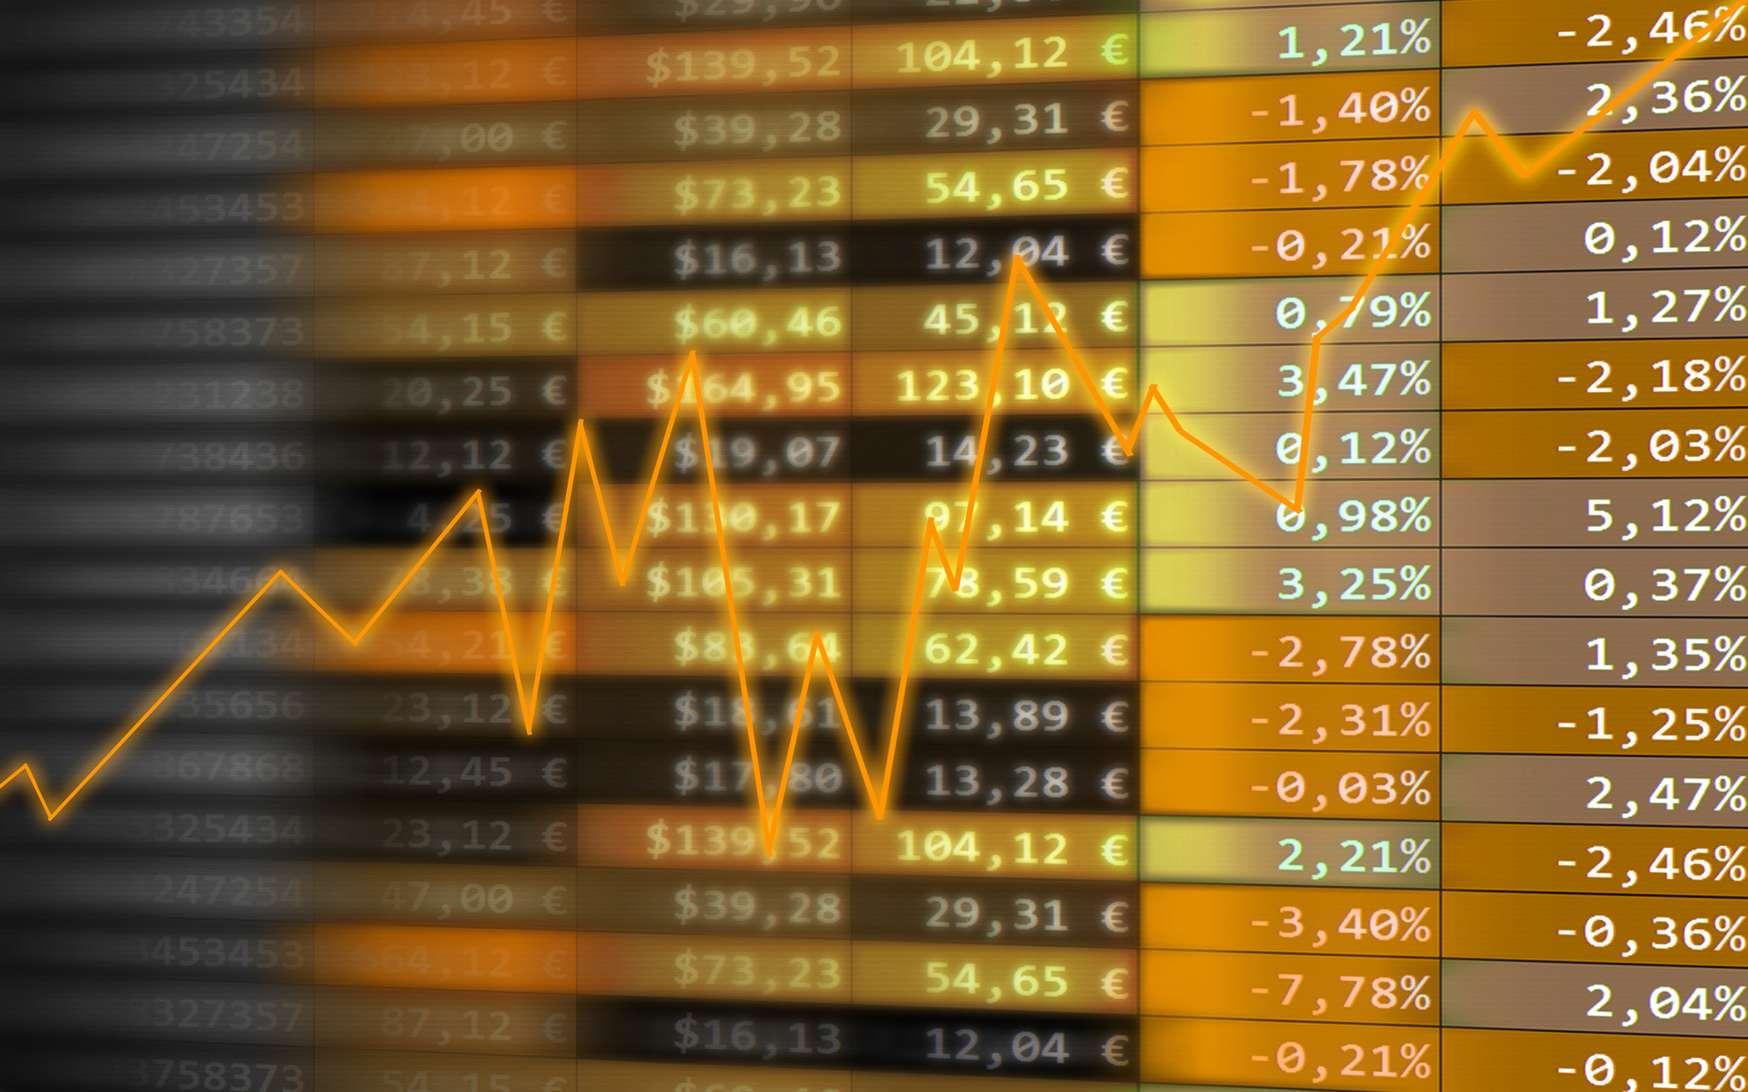 Ce que tout le monde devrait savoir sur les indices boursiers. © Laurent (Pictarena), Fotolia